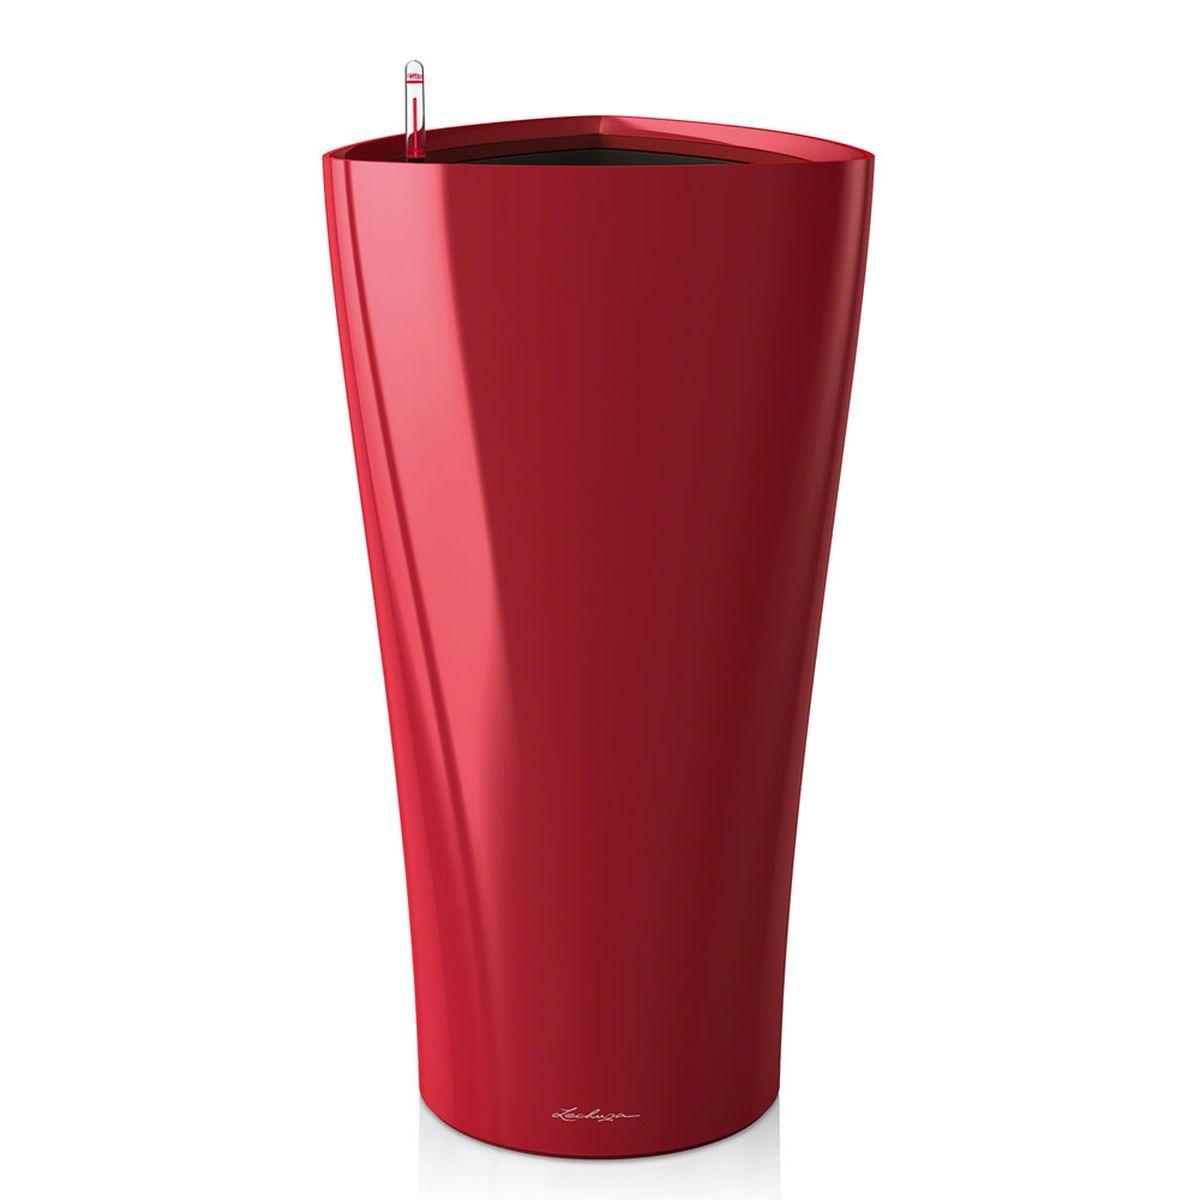 Кашпо Lechuza Delta, с системой автополива, цвет: красный, 40 х 40 х 75 см15559Кашпо Lechuza Delta, выполненное из высококачественного пластика, имеет уникальную систему автополива, благодаря которой корневая система растения непрерывно снабжается влагой из резервуара. Уровень воды в резервуаре контролируется с помощью специального индикатора. В зависимости от размера кашпо и растения воды хватает на 2-12 недель. Это способствует хорошему росту цветов и предотвращает переувлажнение. В набор входит: кашпо, внутренний горшок, индикатор уровня воды, резервуар для воды. Внутренний горшок, оснащенный выдвижными ручками, обеспечивает: - легкую переноску даже высоких растений; - легкую смену растений; - можно также просто убрать растения на зиму; - винт в днище позволяет стечь излишней дождевой воде наружу. Кашпо Lechuza Delta прекрасно впишется в интерьер больших холлов, террас ресторанов и уютных гостиных. Изделие поможет расставить нужные акценты и придаст помещению вид, соответствующий вашим...